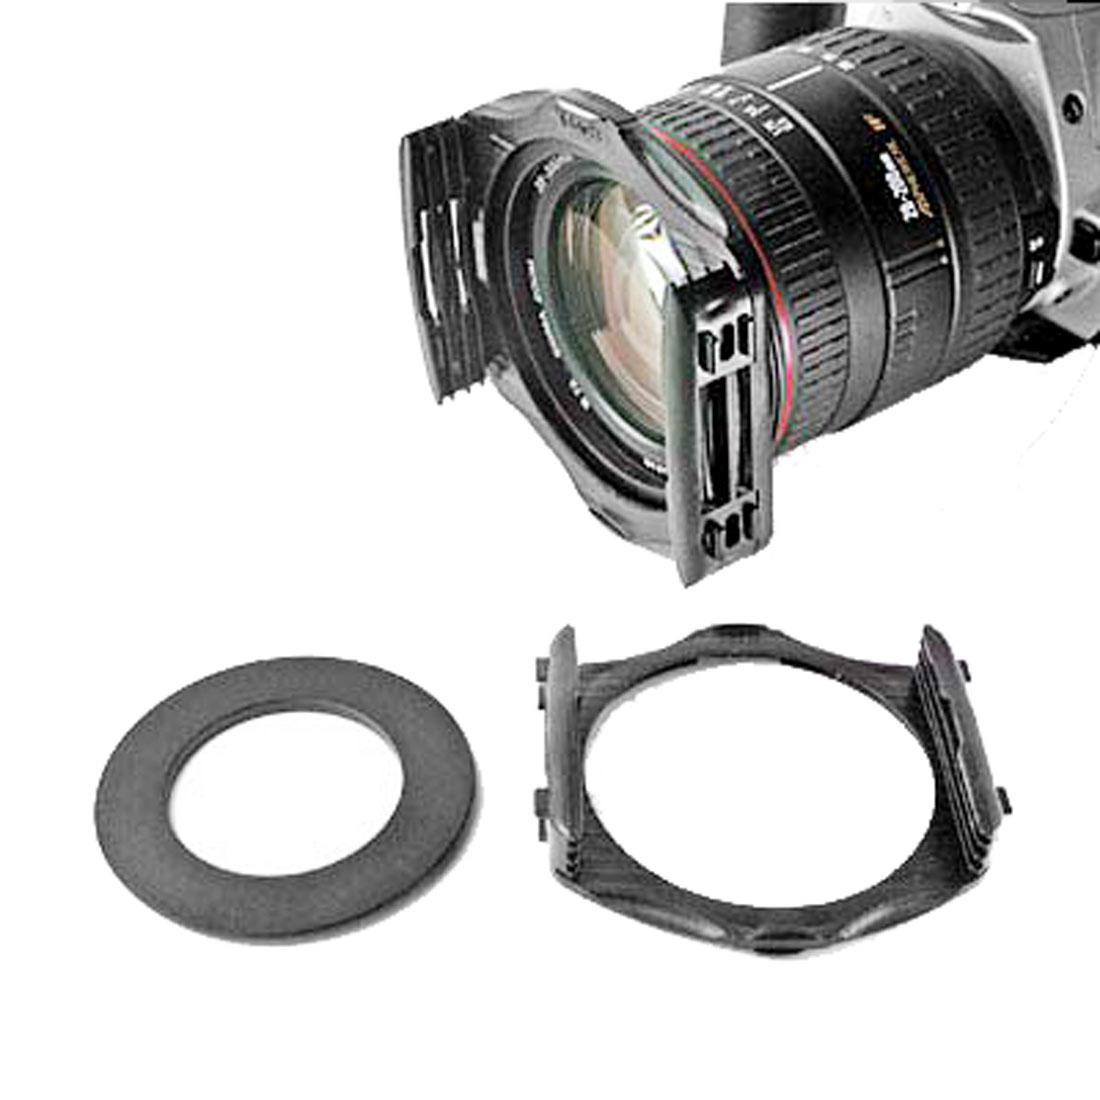 Camera Filter Holder & Adapter Ring - 55mm Diameter